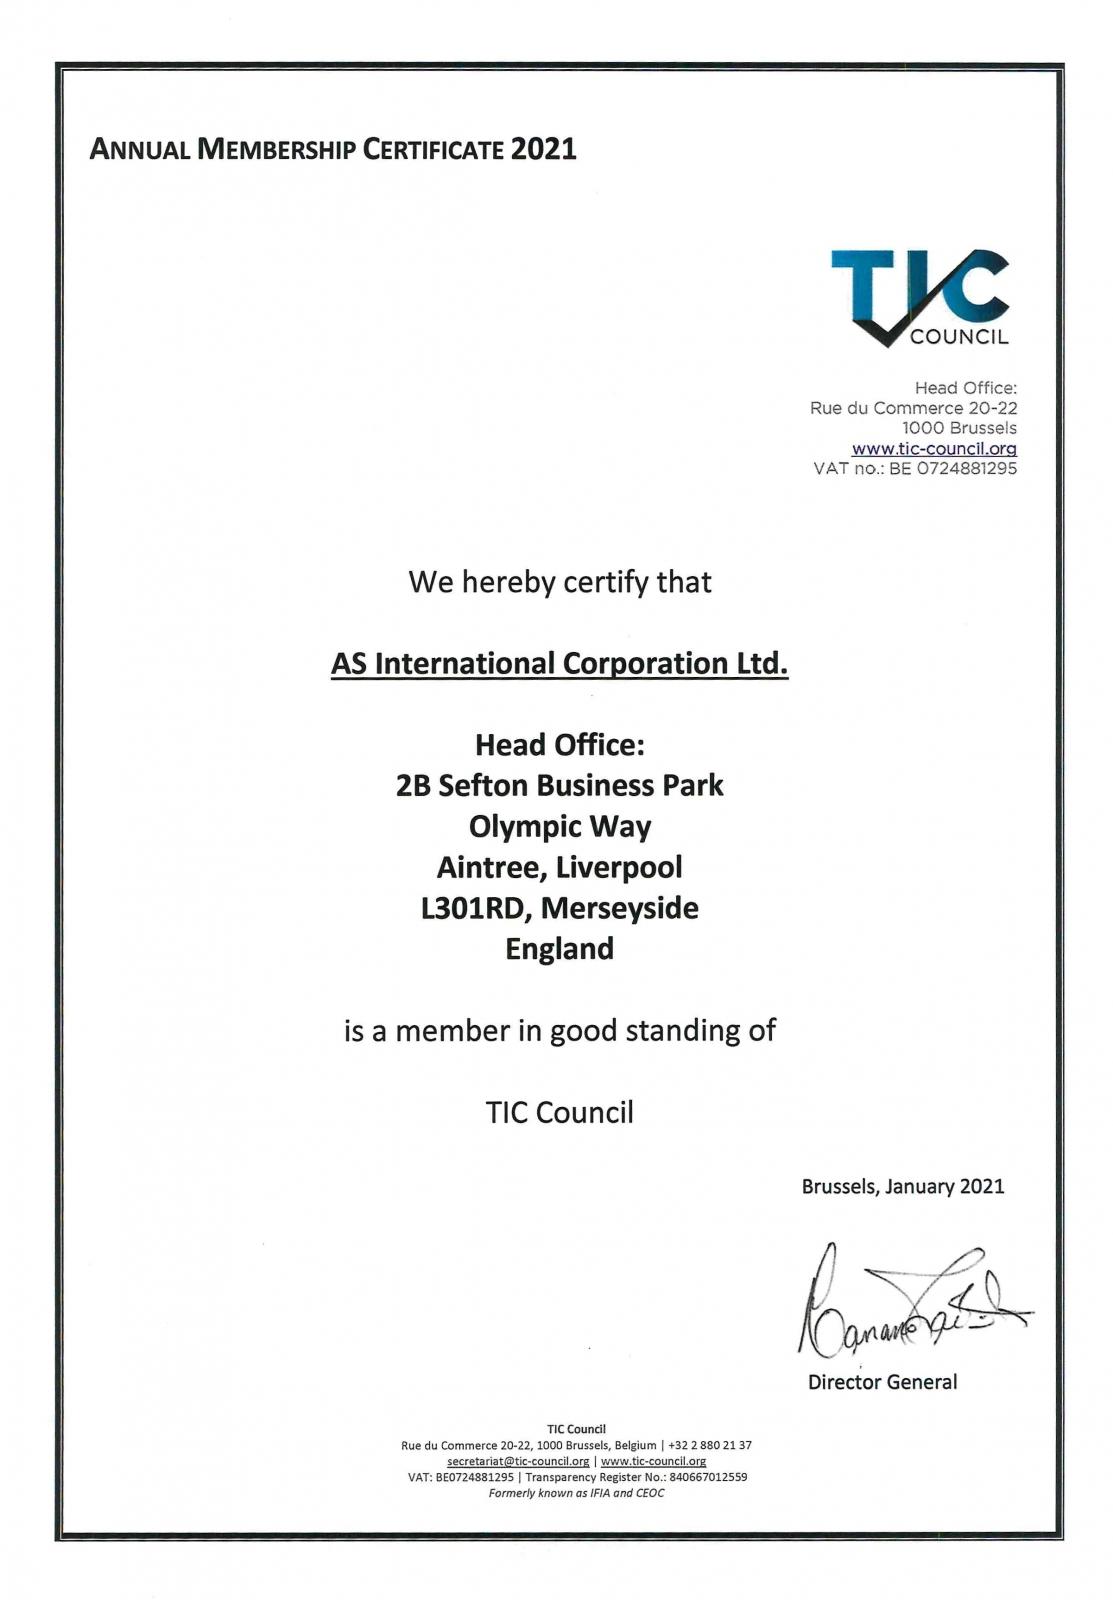 TIC Council Membership Certificate